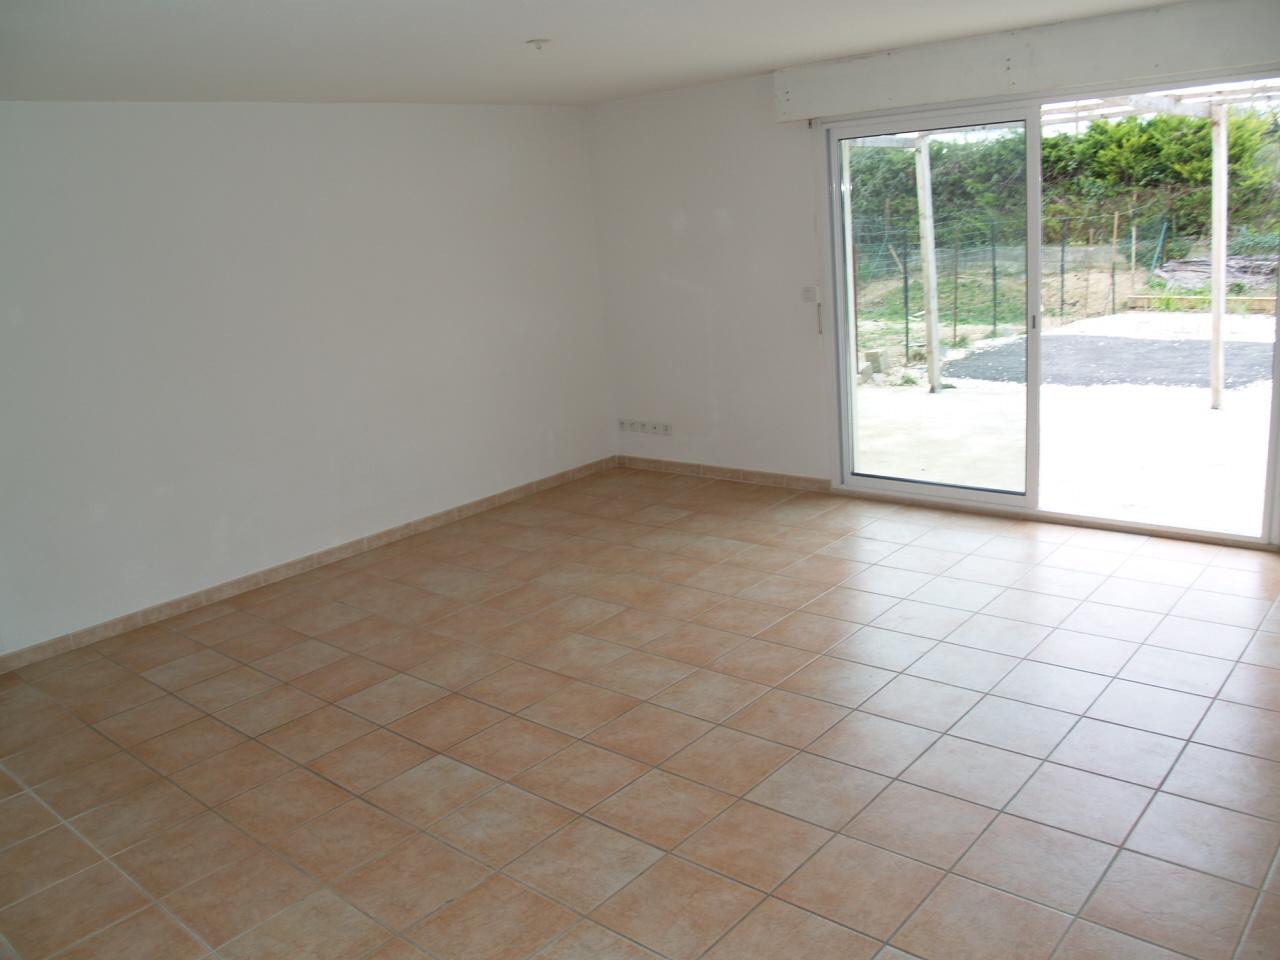 Annonce location maison al s 30100 100 m 720 - Location maison ales ...